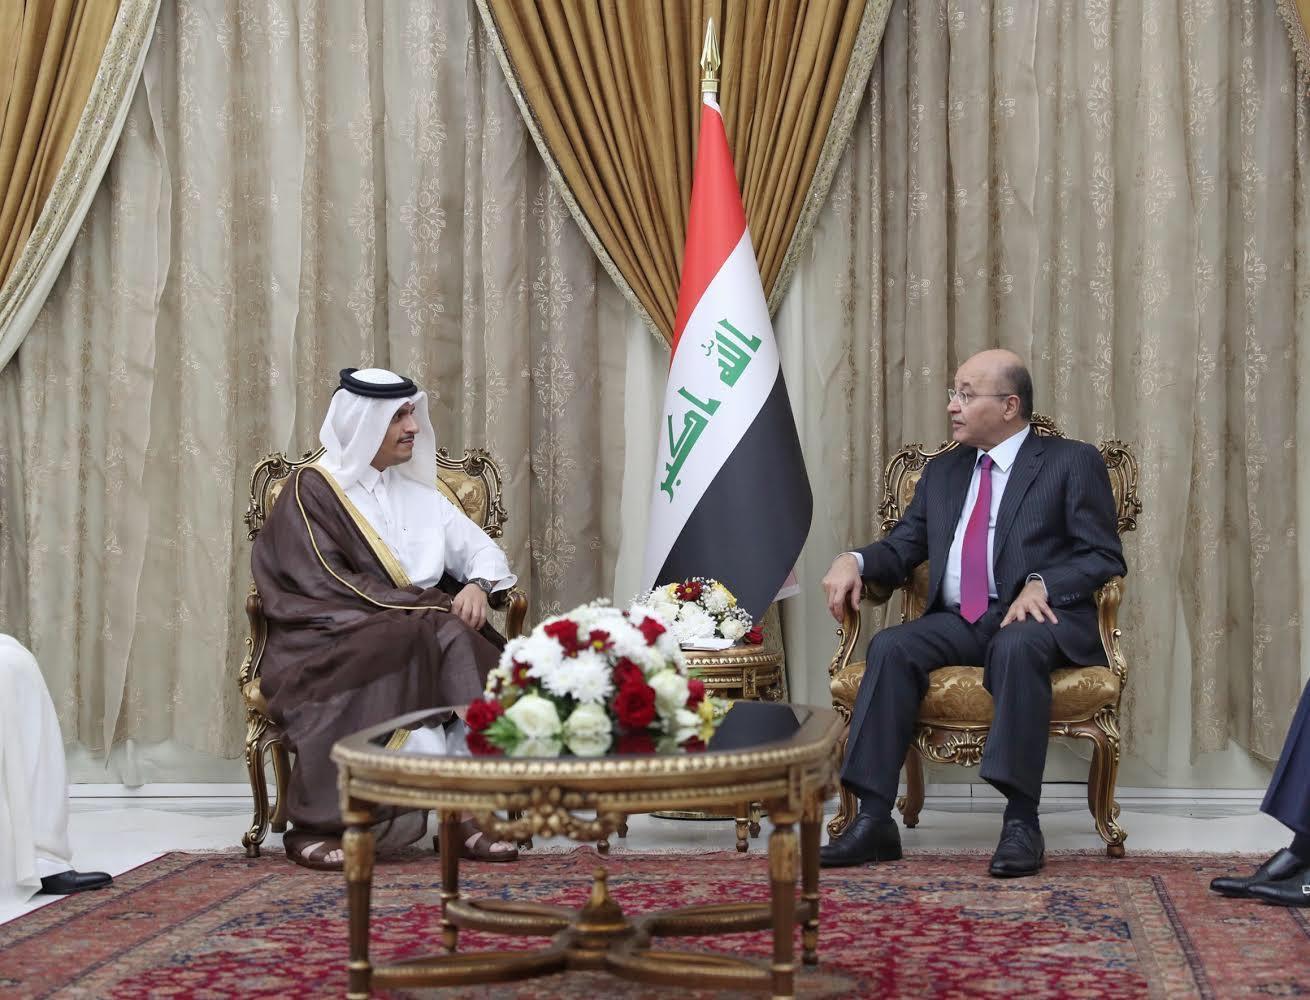 رئيس جمهورية العراق يستقبل نائب رئيس مجلس الوزراء وزير الخارجية